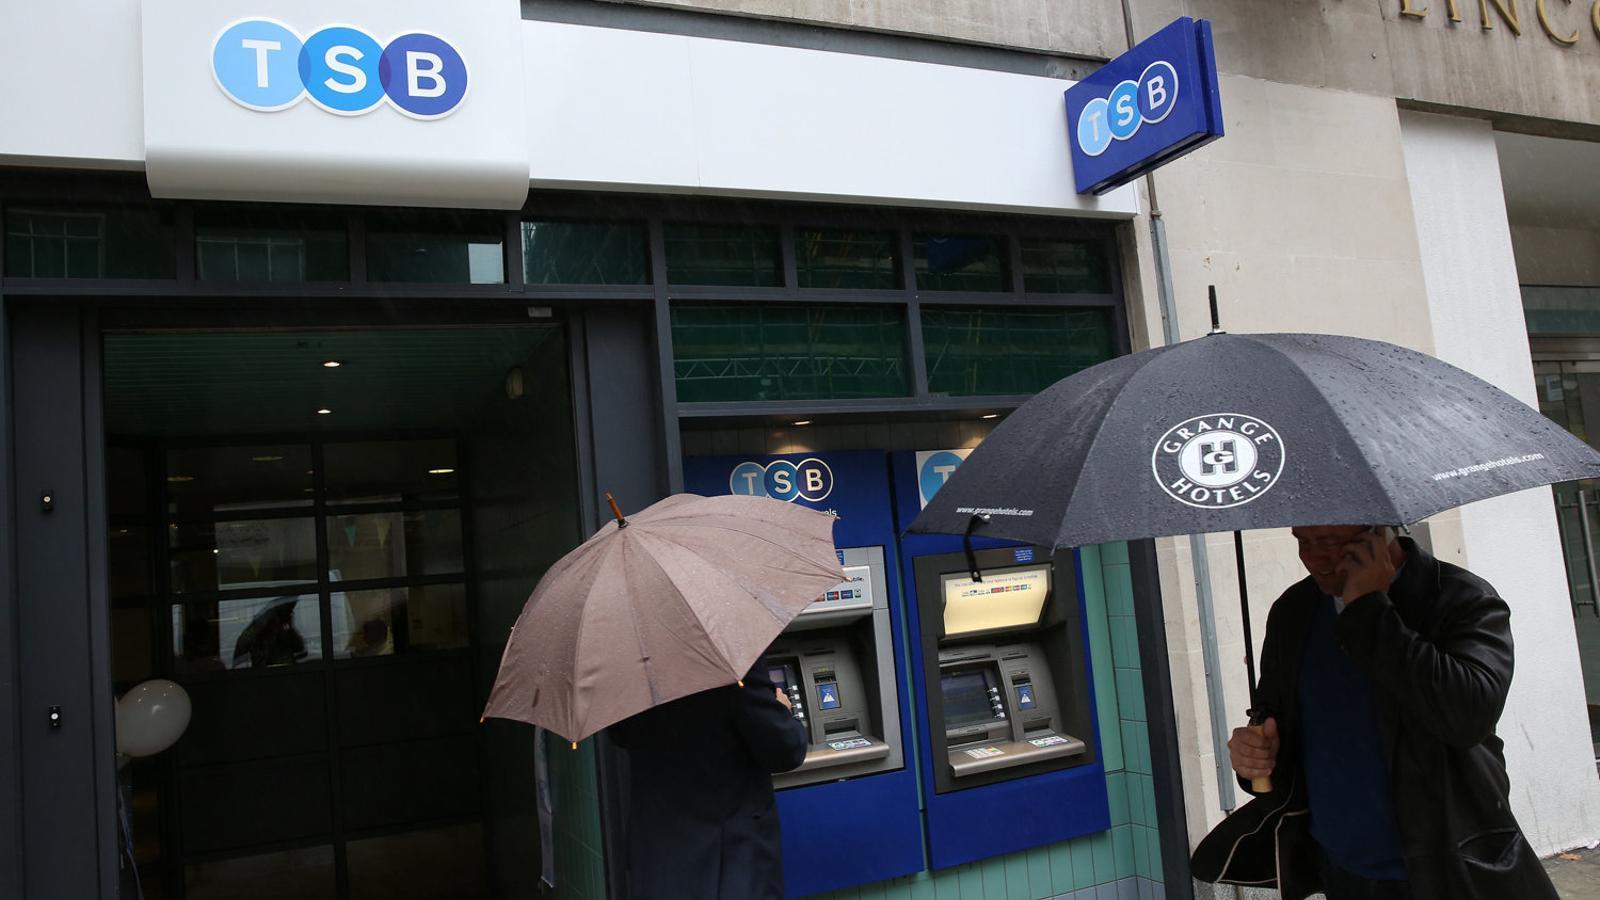 Caòtic canvi informàtic al TSB, la filial britànica del Sabadell